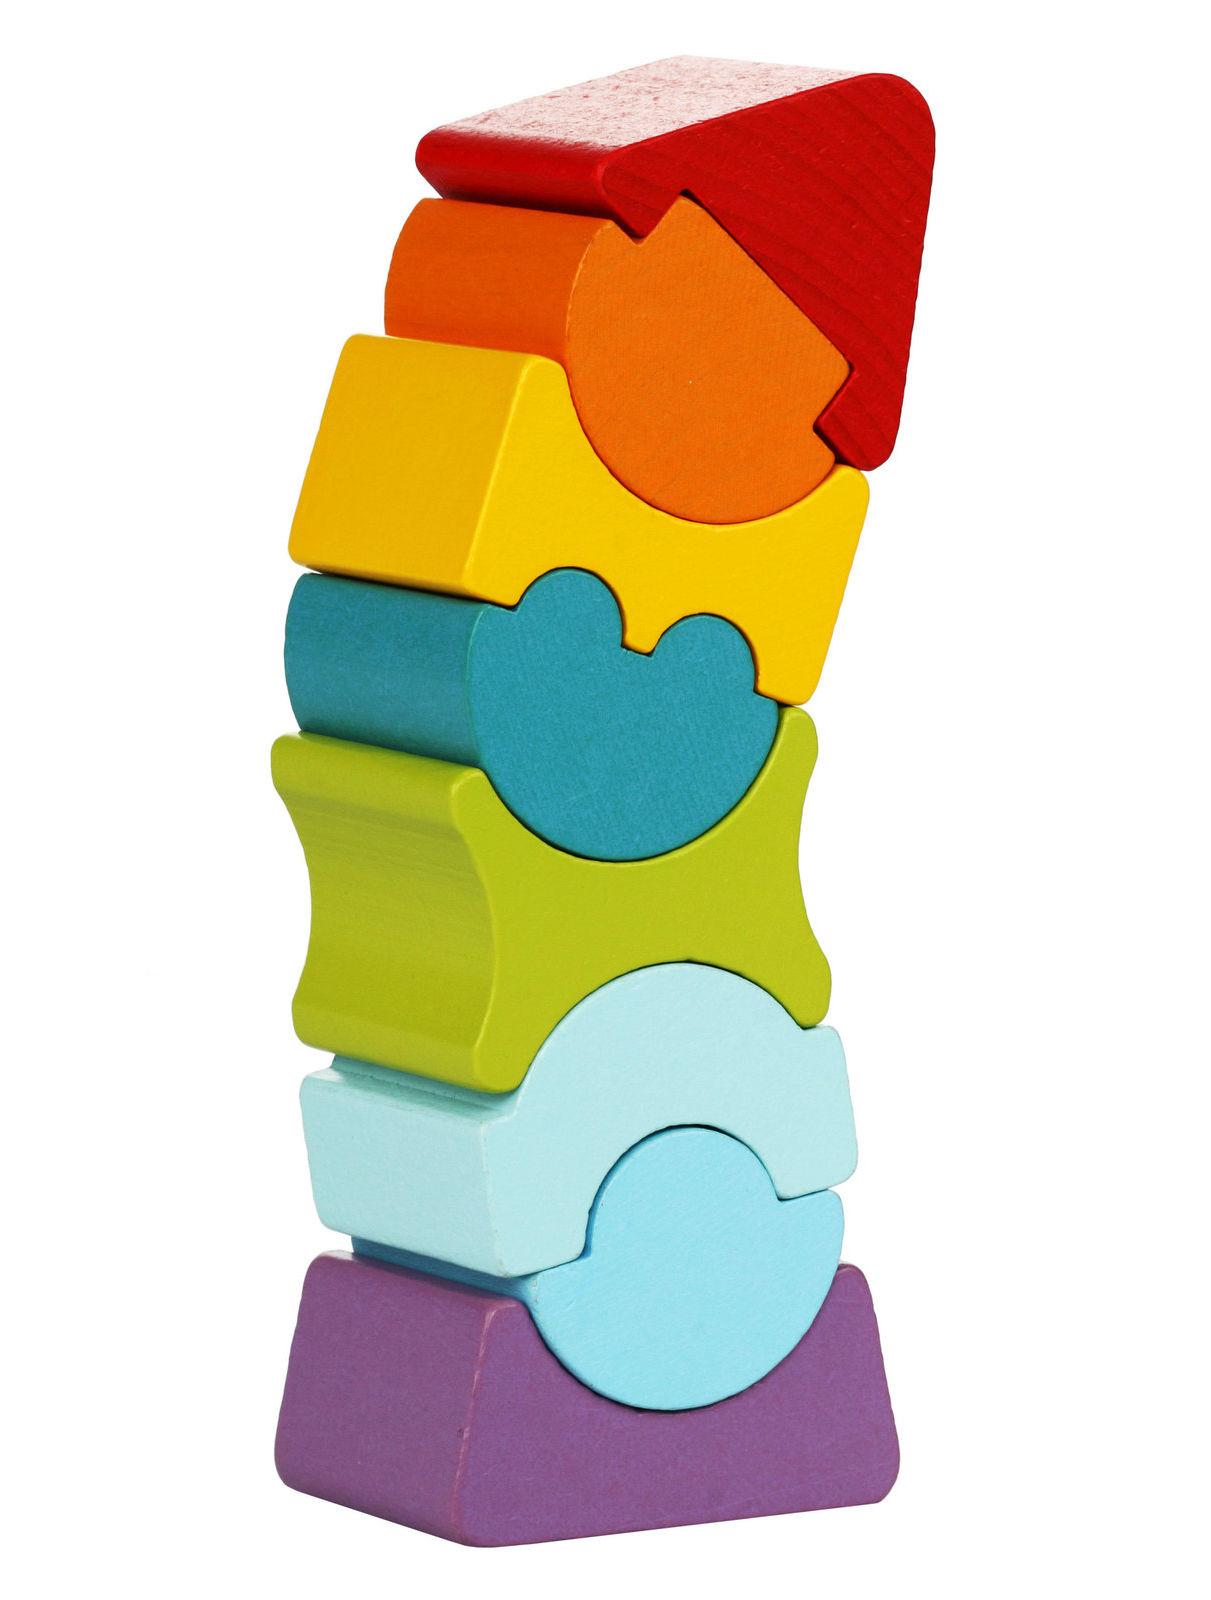 Medinių kaladėlių rinkinys CUBIKA Lankstusis bokštas 8 vaikams nuo 2 metų (12718)